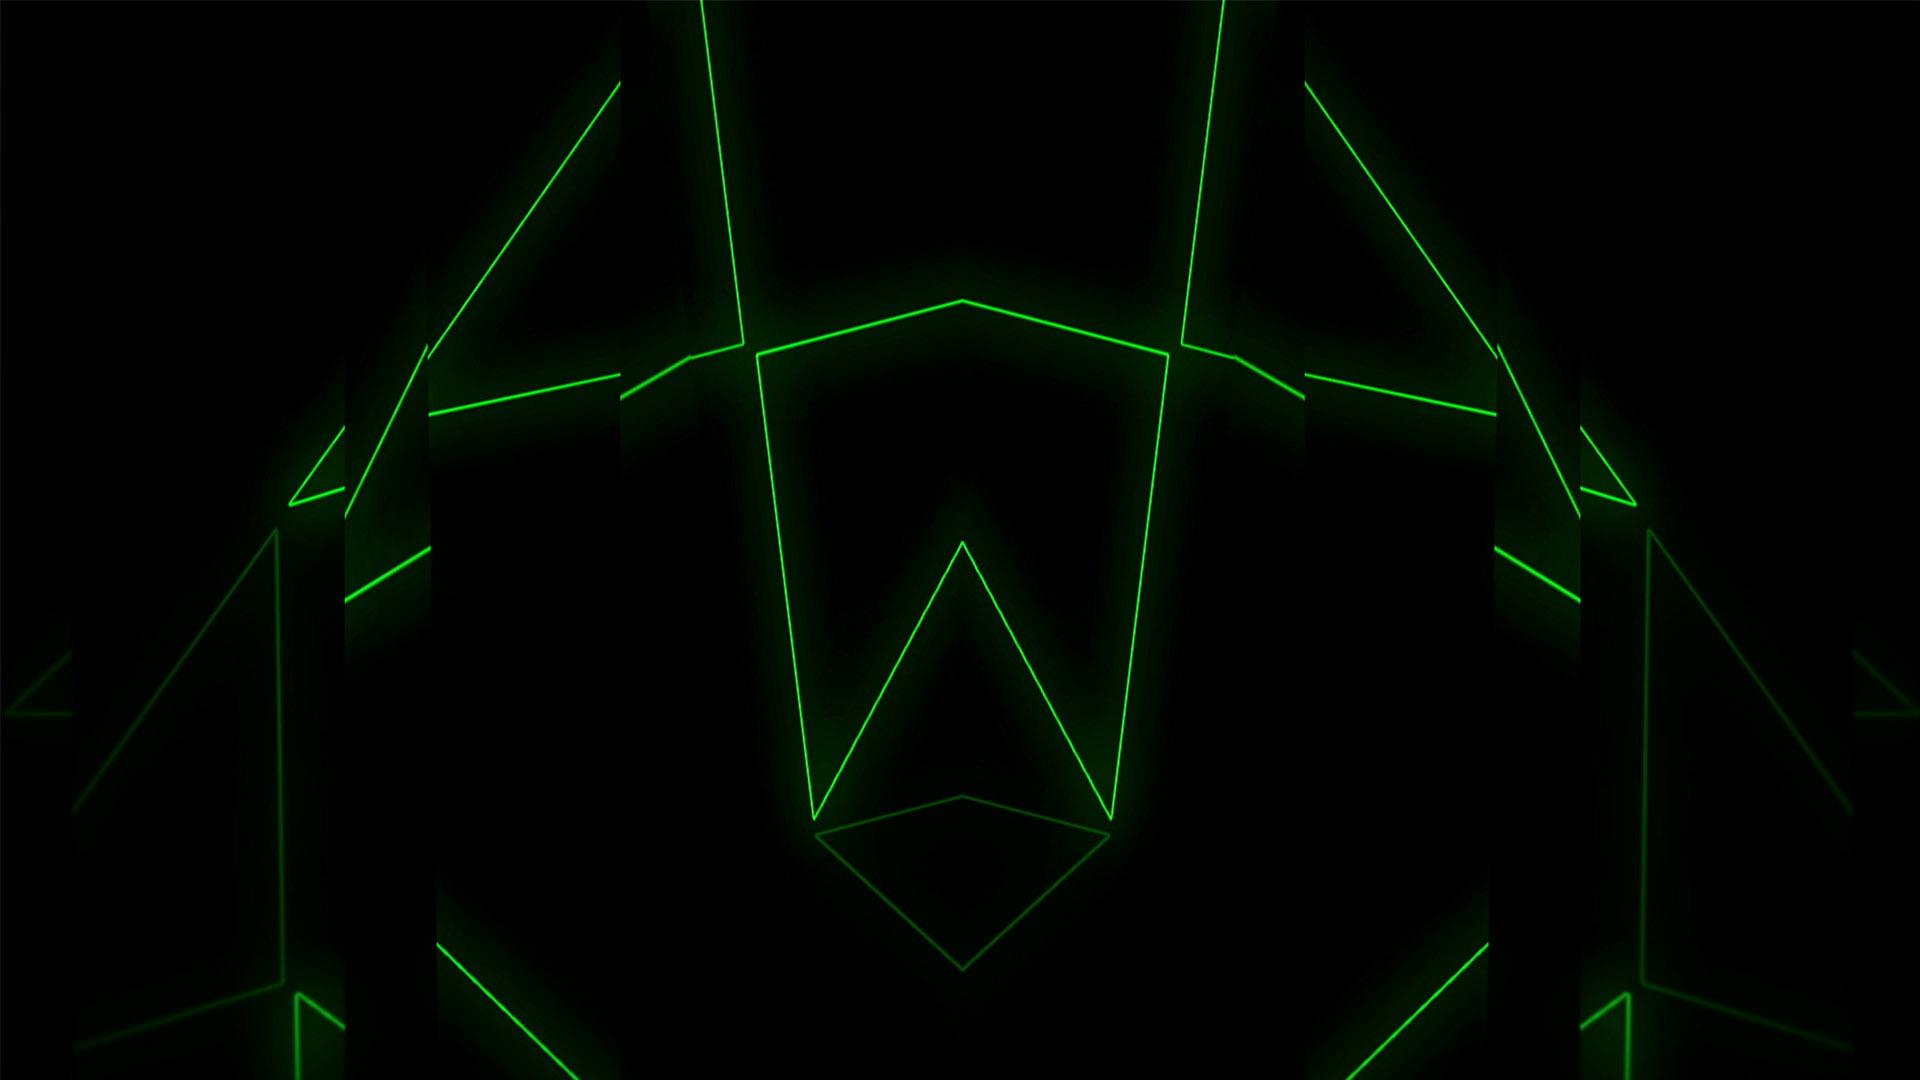 RB Neon Stage - Vj Loops Pack vol 47: LIME ART GROUP